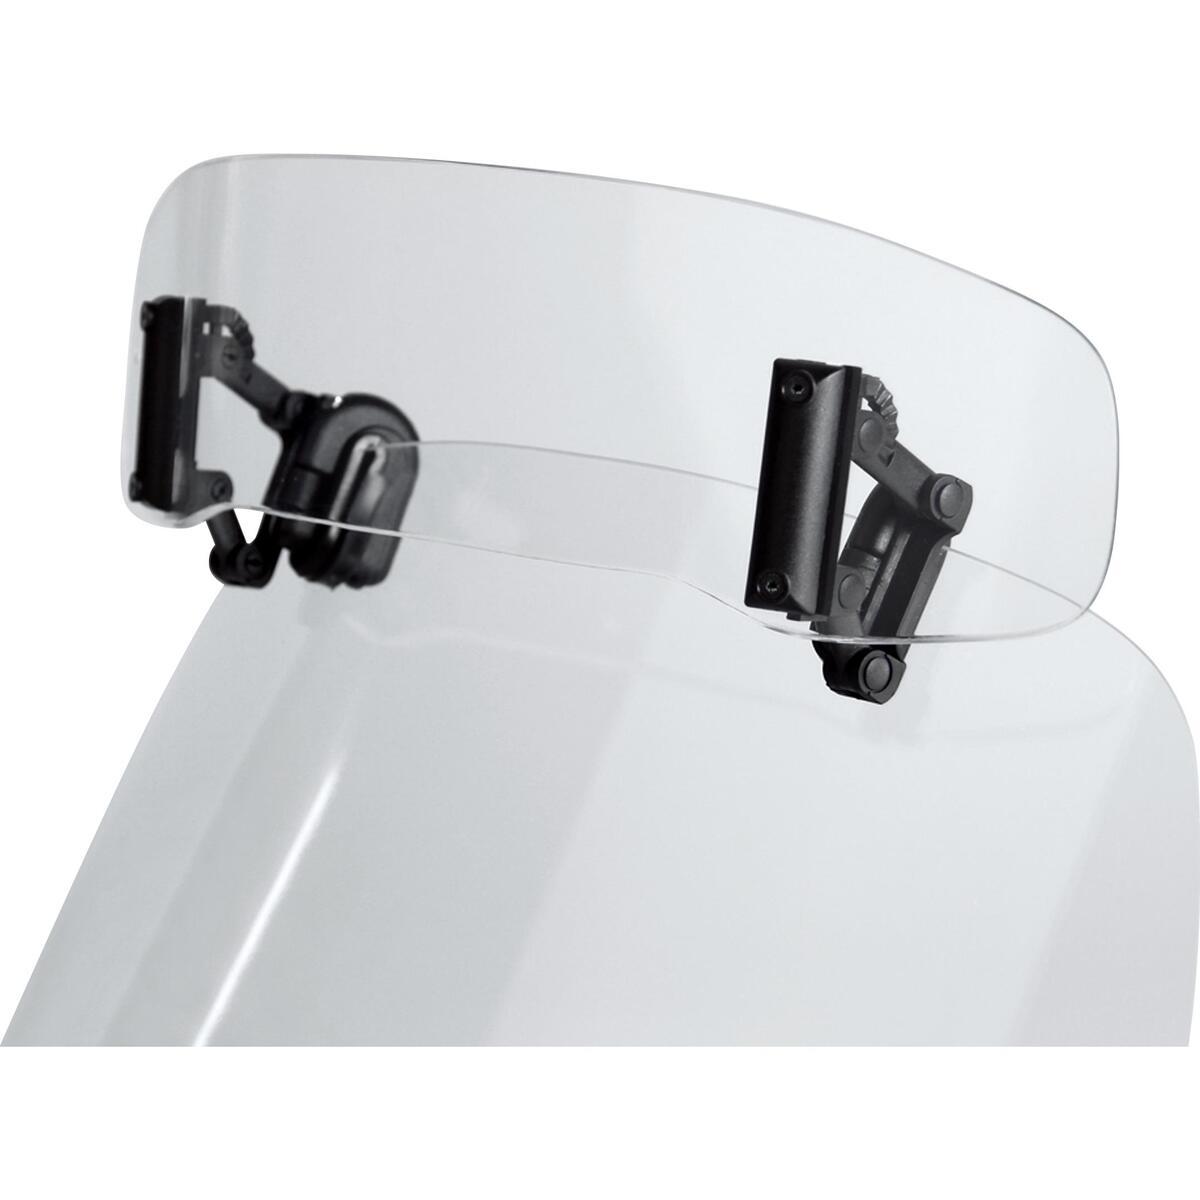 Bild 5 von MRA Aufsatzspoiler für Scheiben VSA-C 310x80mm klar farblos